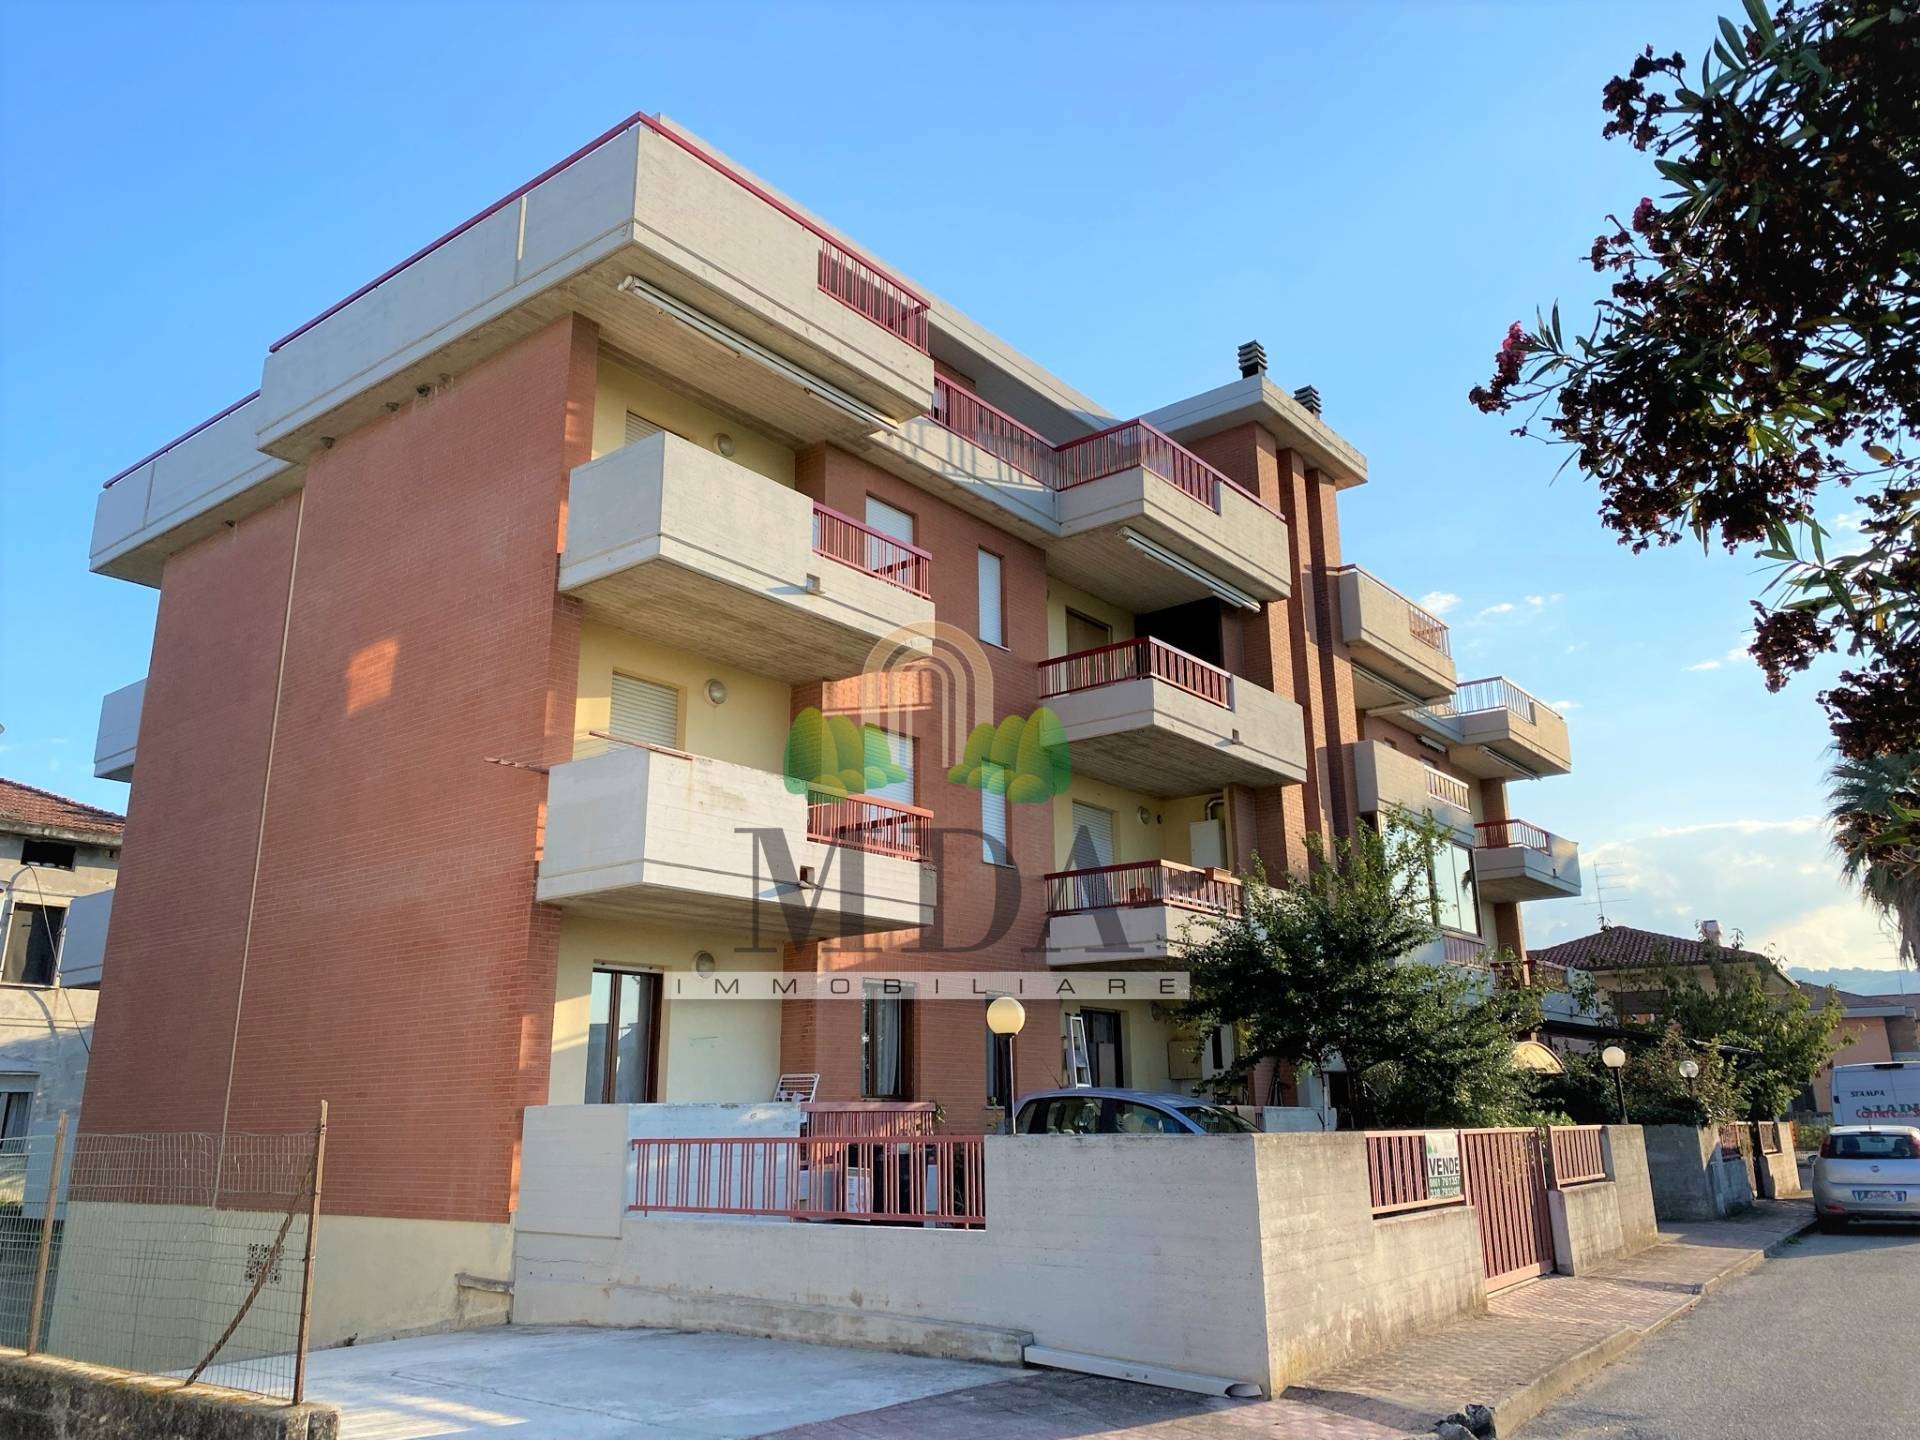 Appartamento in vendita a Martinsicuro, 3 locali, prezzo € 85.000 | PortaleAgenzieImmobiliari.it